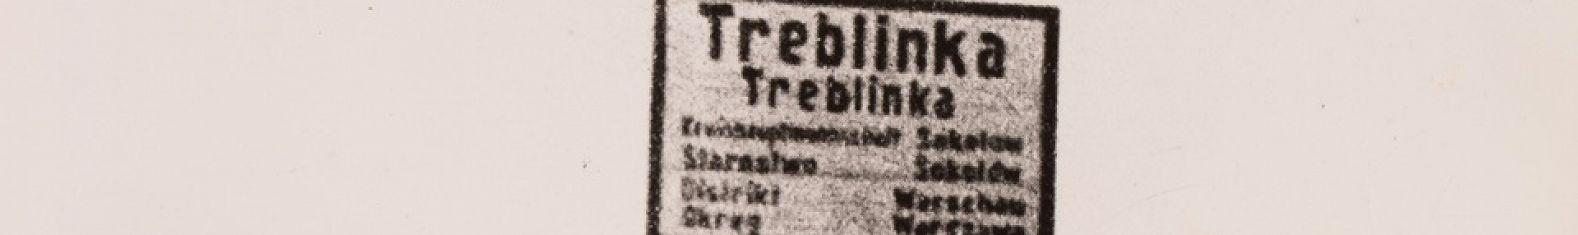 treblinka_2.jpg